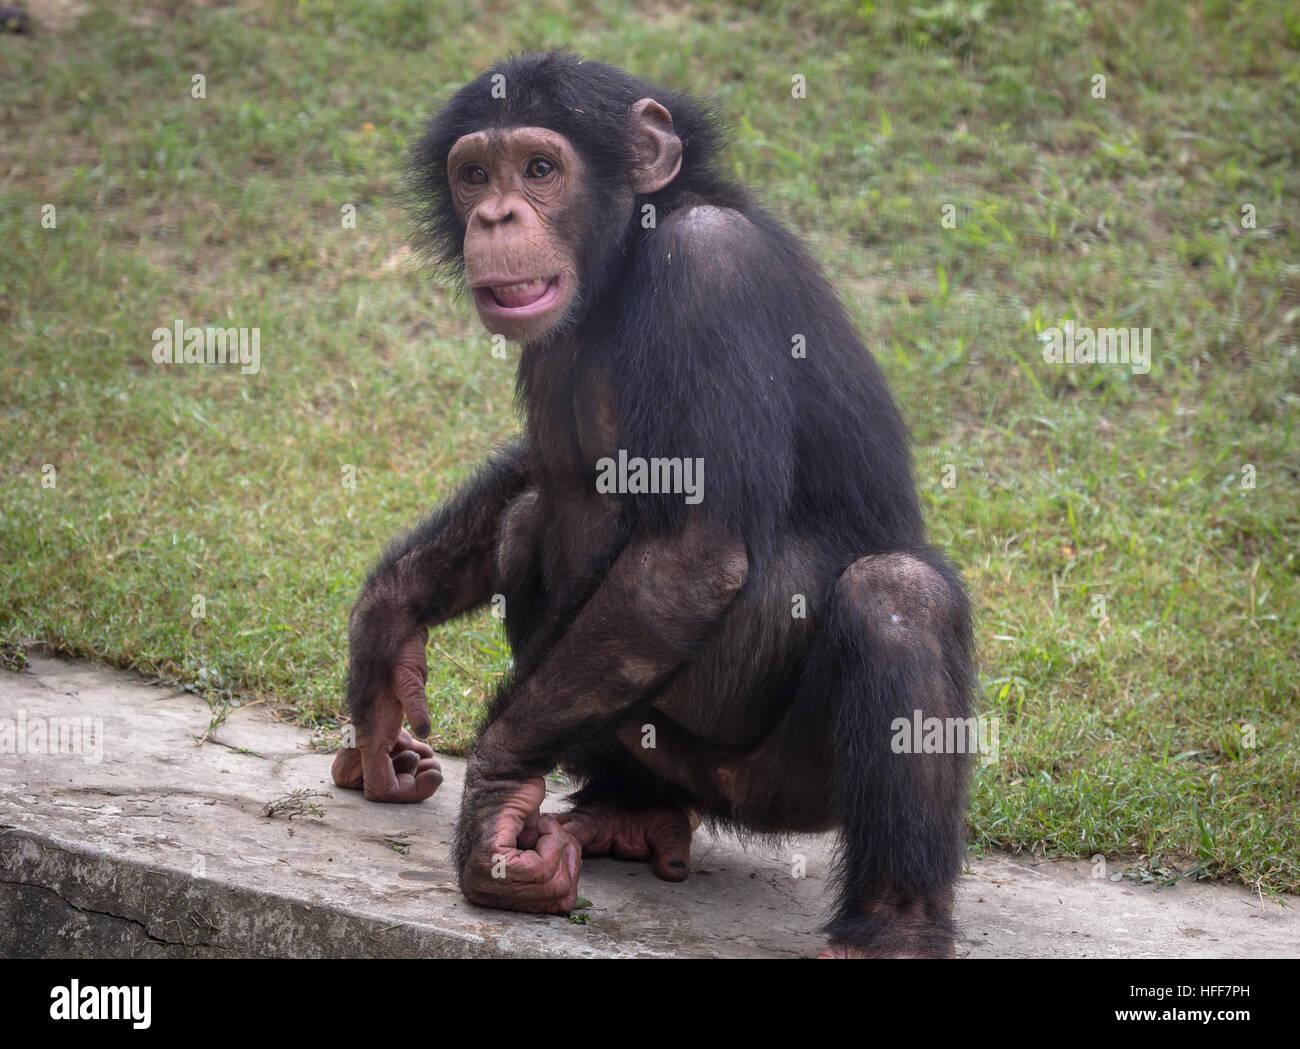 Chimpanzee animal at a zoo in Kolkata. Close up shot. - Stock Image